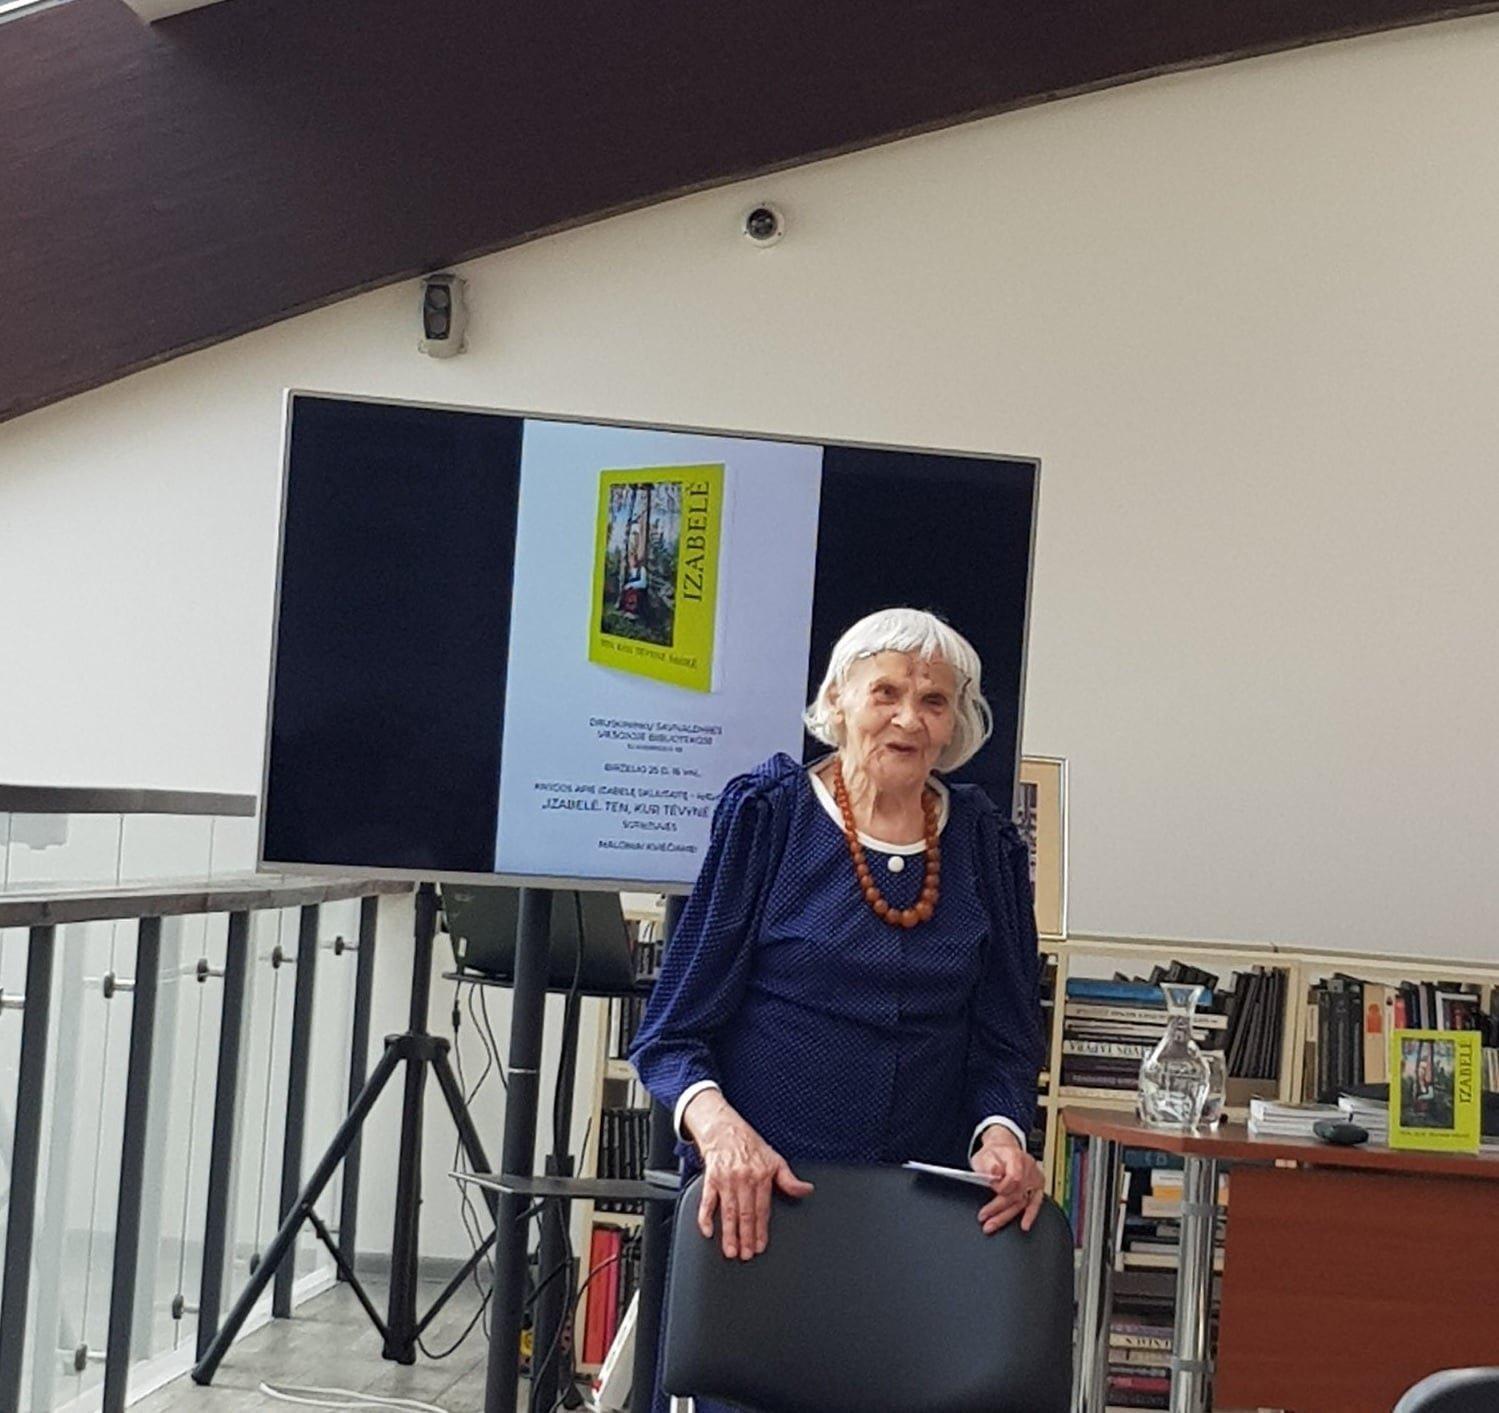 Mirė partizanų ryšininkė, politinė kalinė, rašytoja I. Skliutaitė-Navarackienė